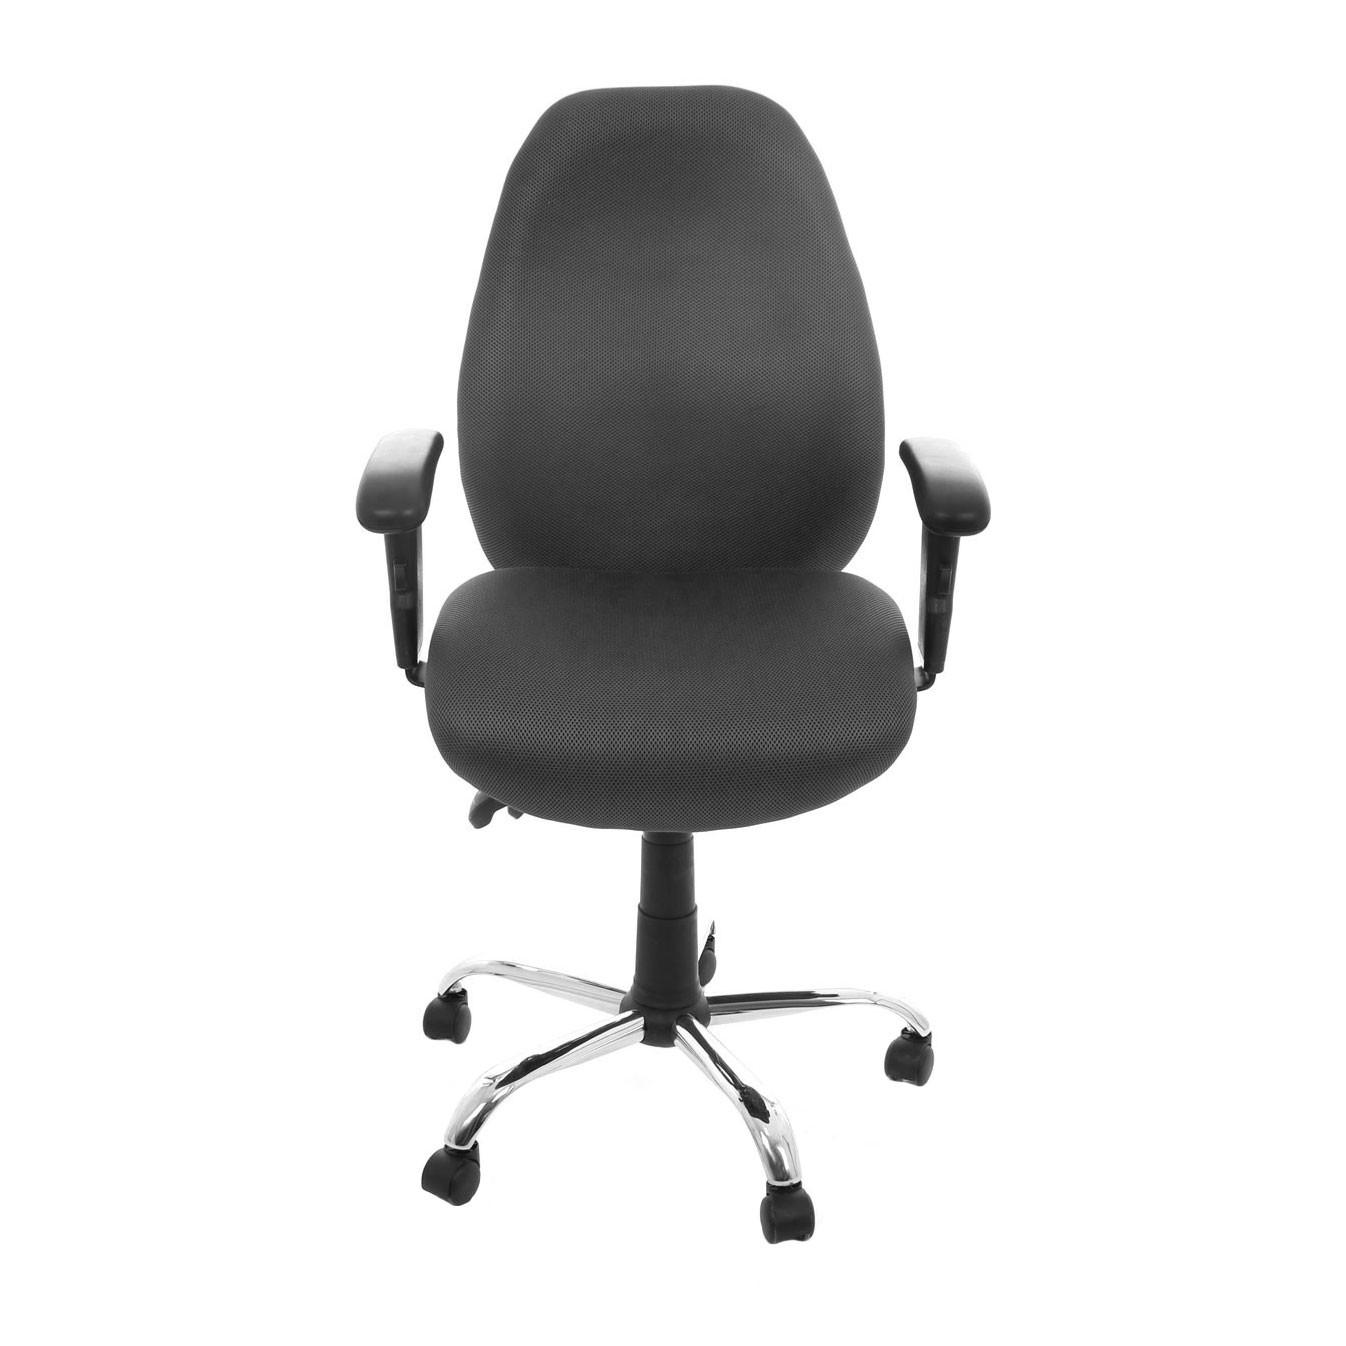 Scaun birou ergonomic Cetus, rotativ, material textil, gri